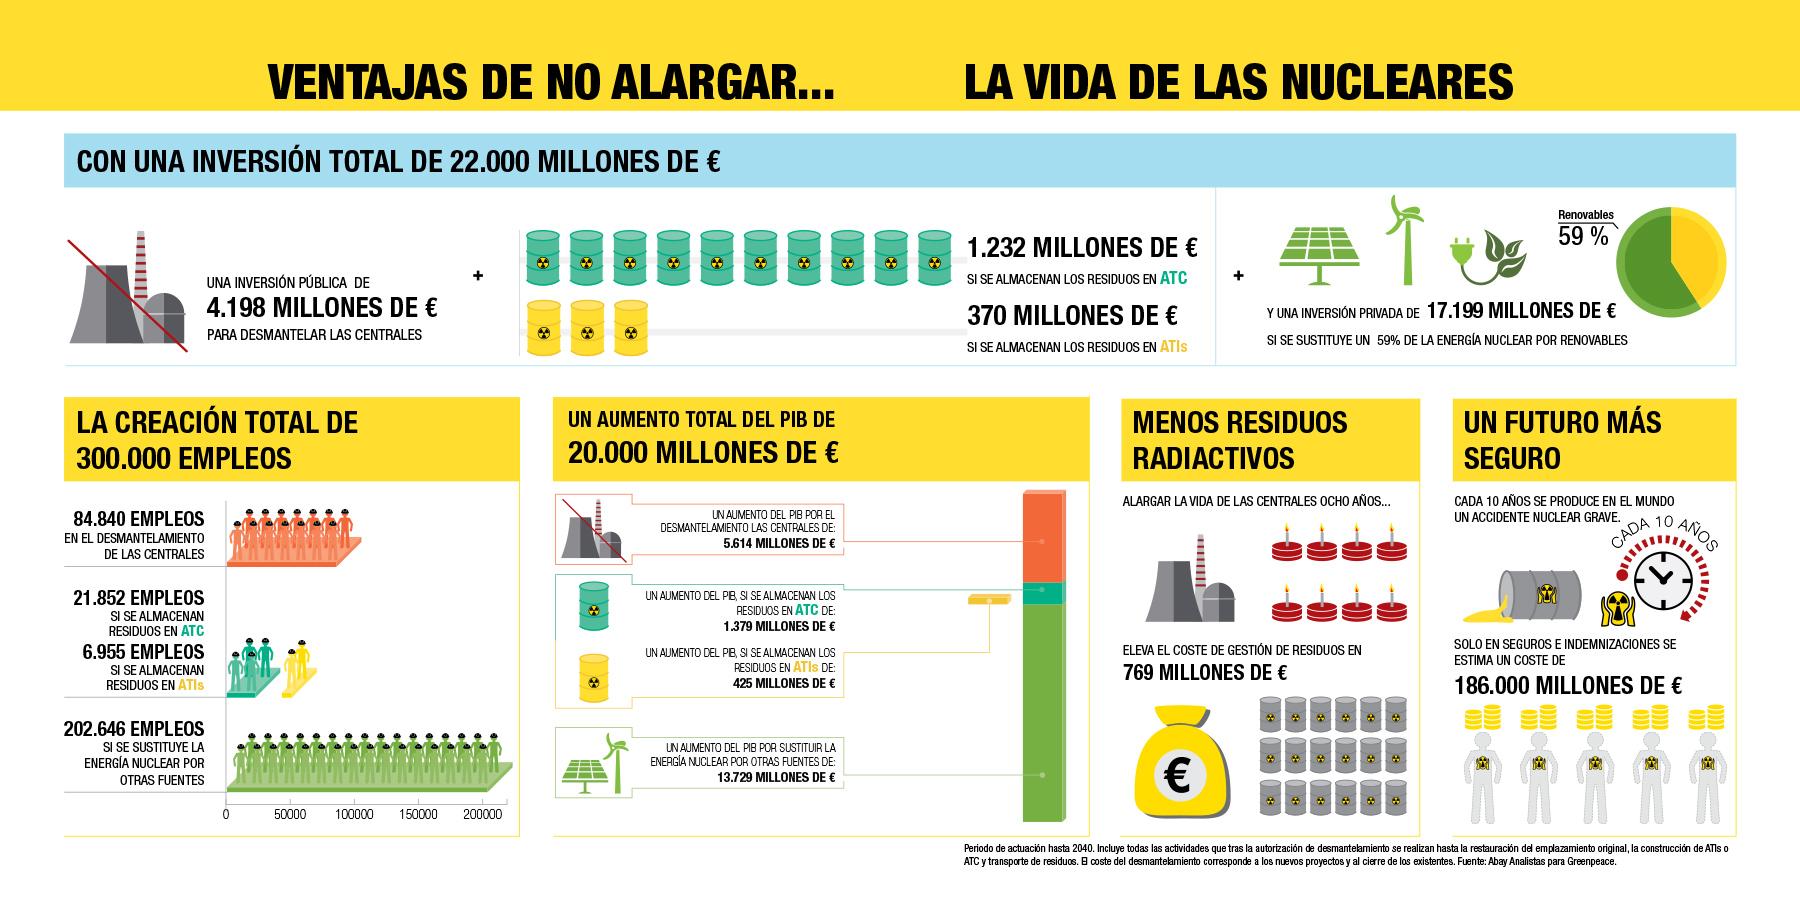 El inevitable cierre de las centrales nucleares españolas: una oportunidad económica y social-4